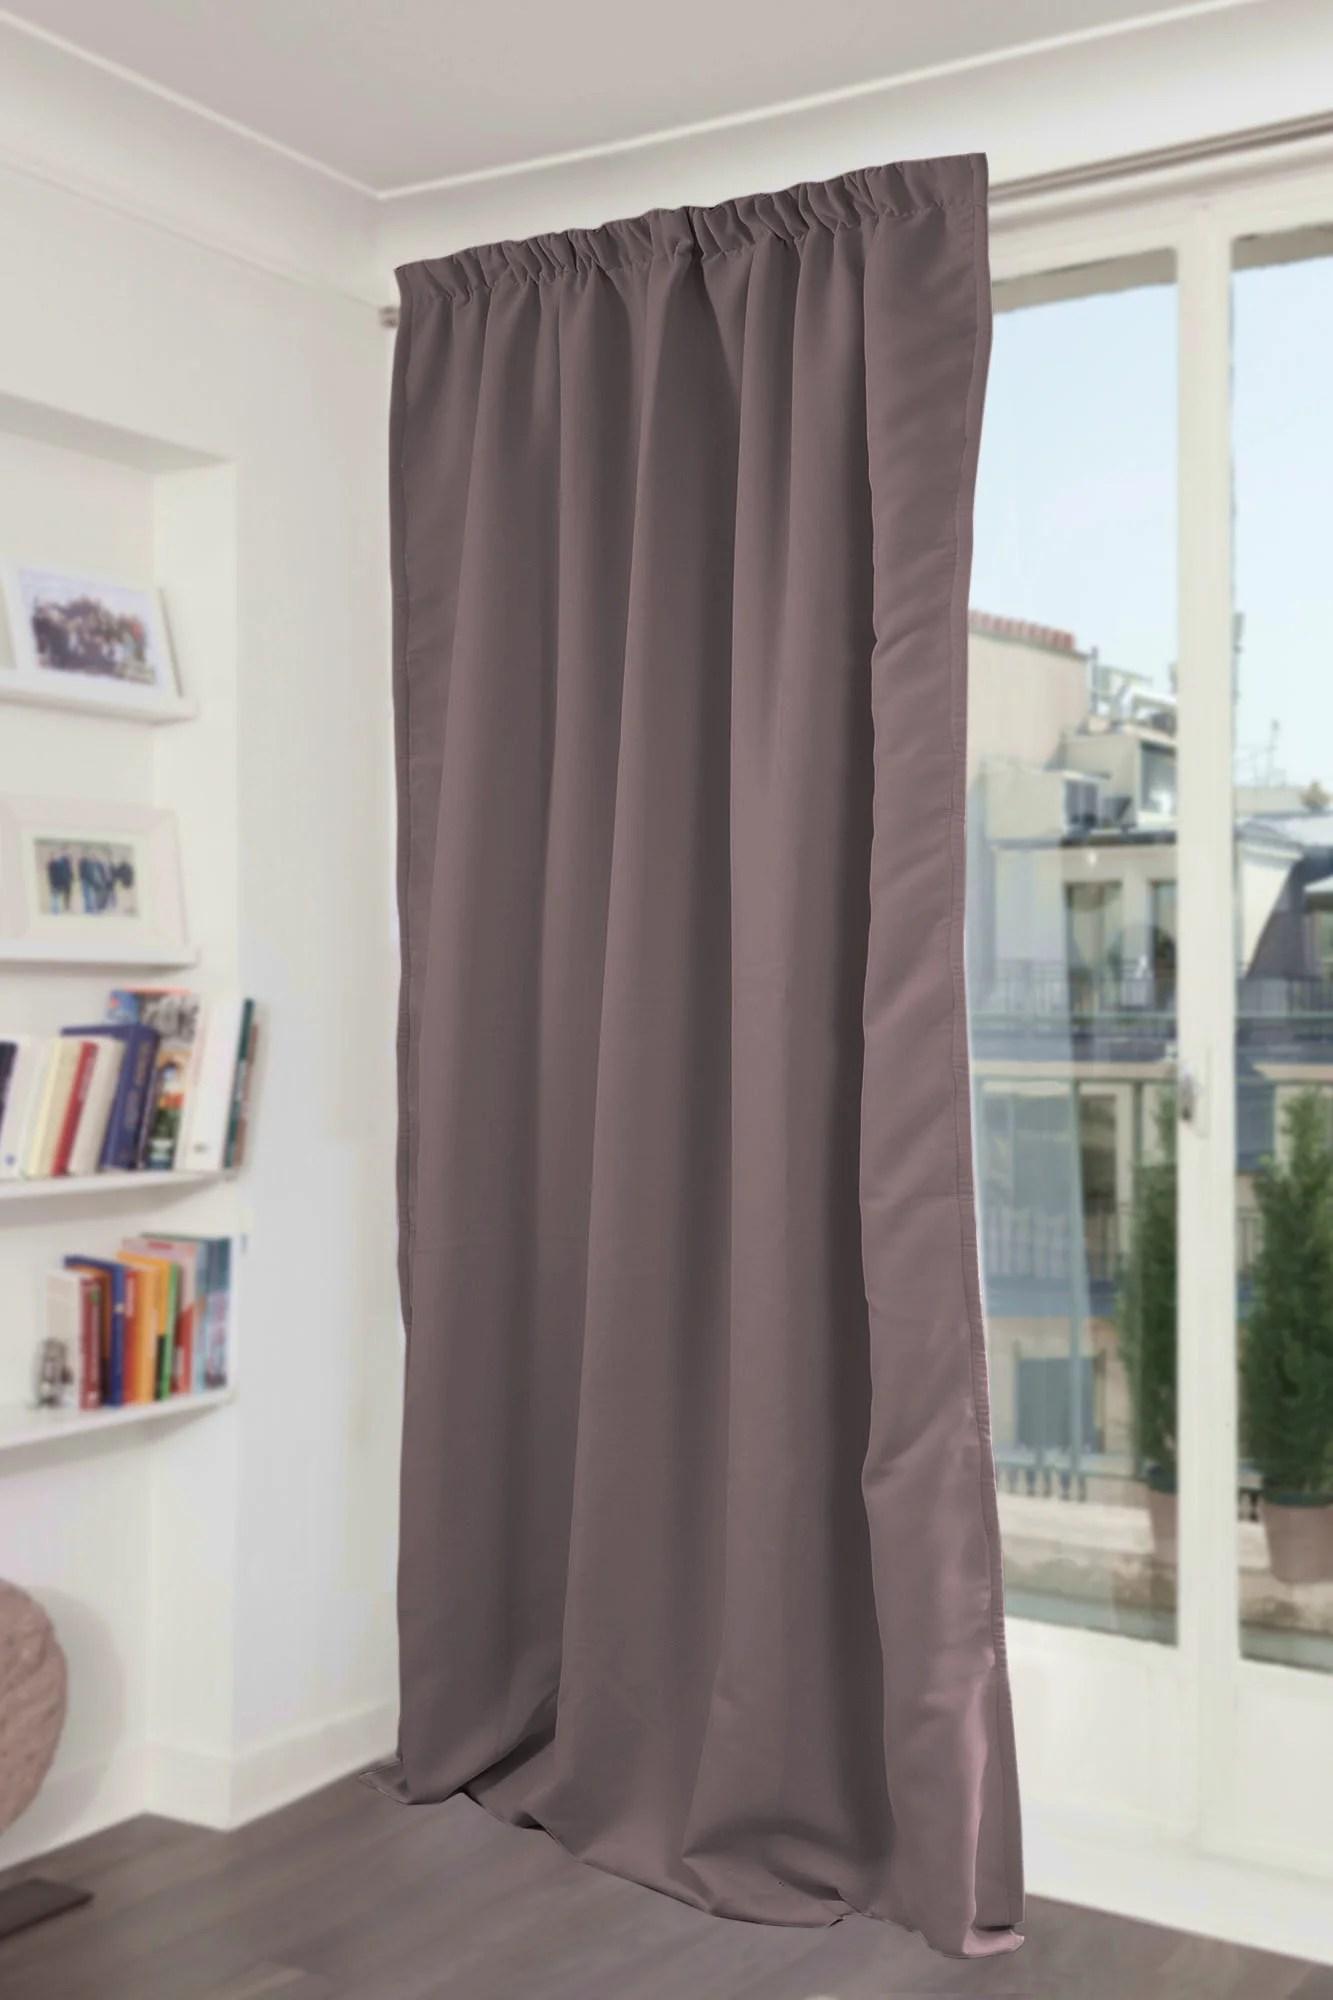 rideau occultant thermique et phonique gris poivre l 145 x h 300 cm moondream